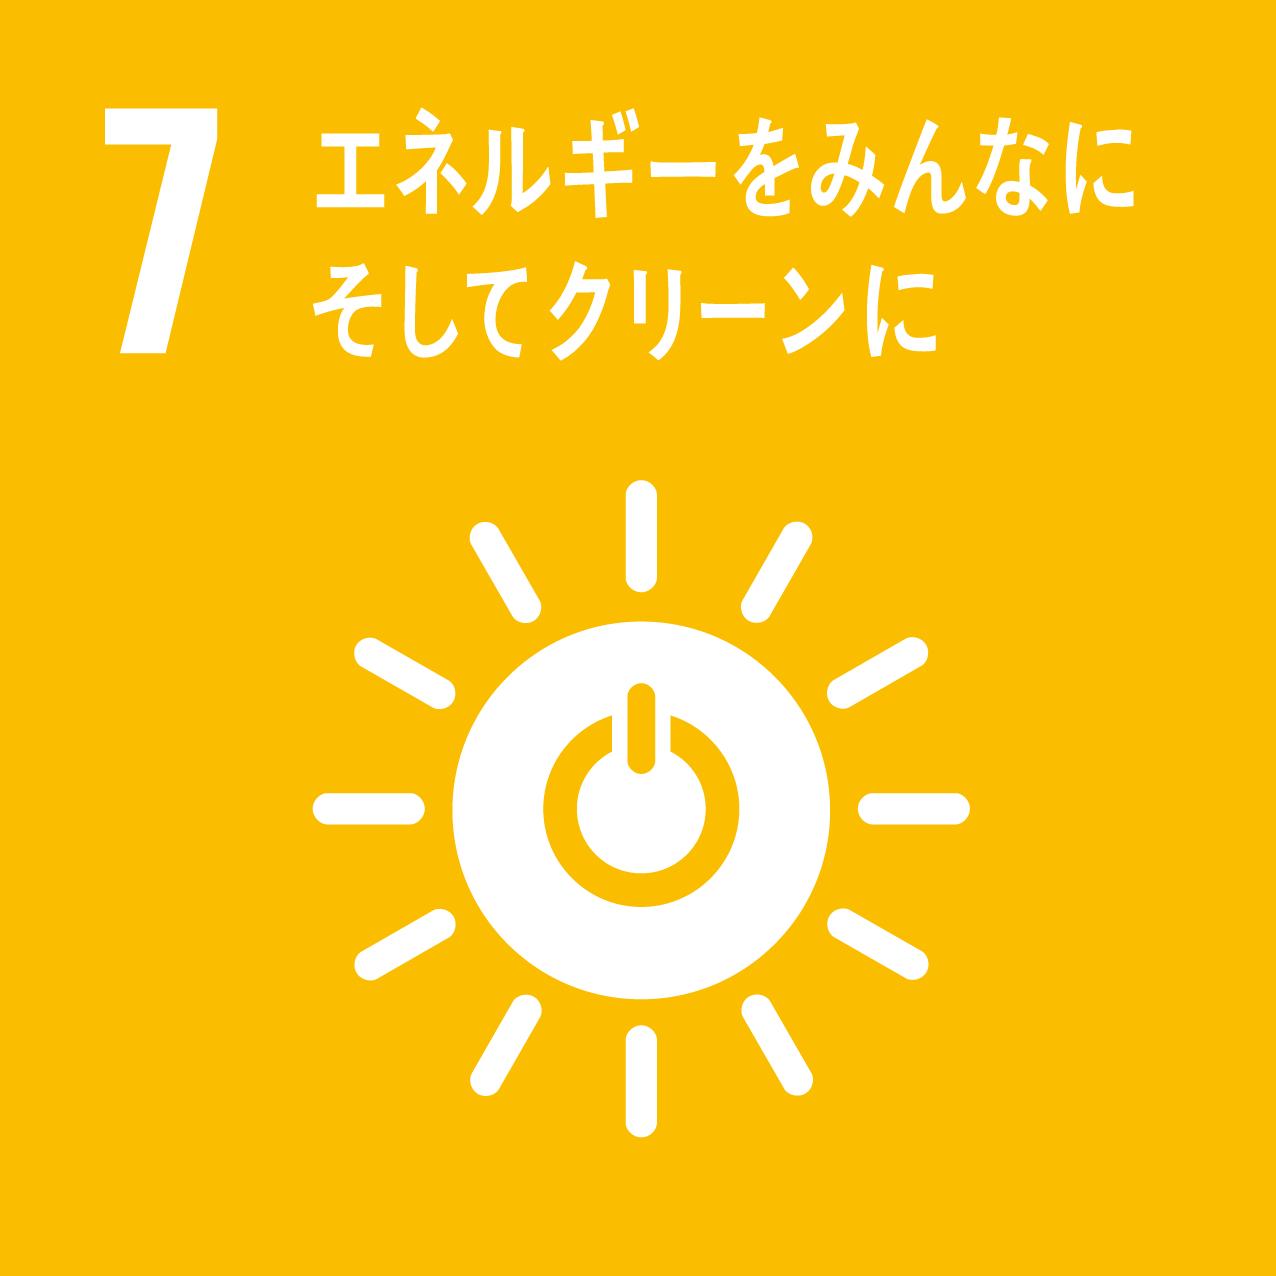 SDGsエネルギーをみんなに、そしてクリーンに